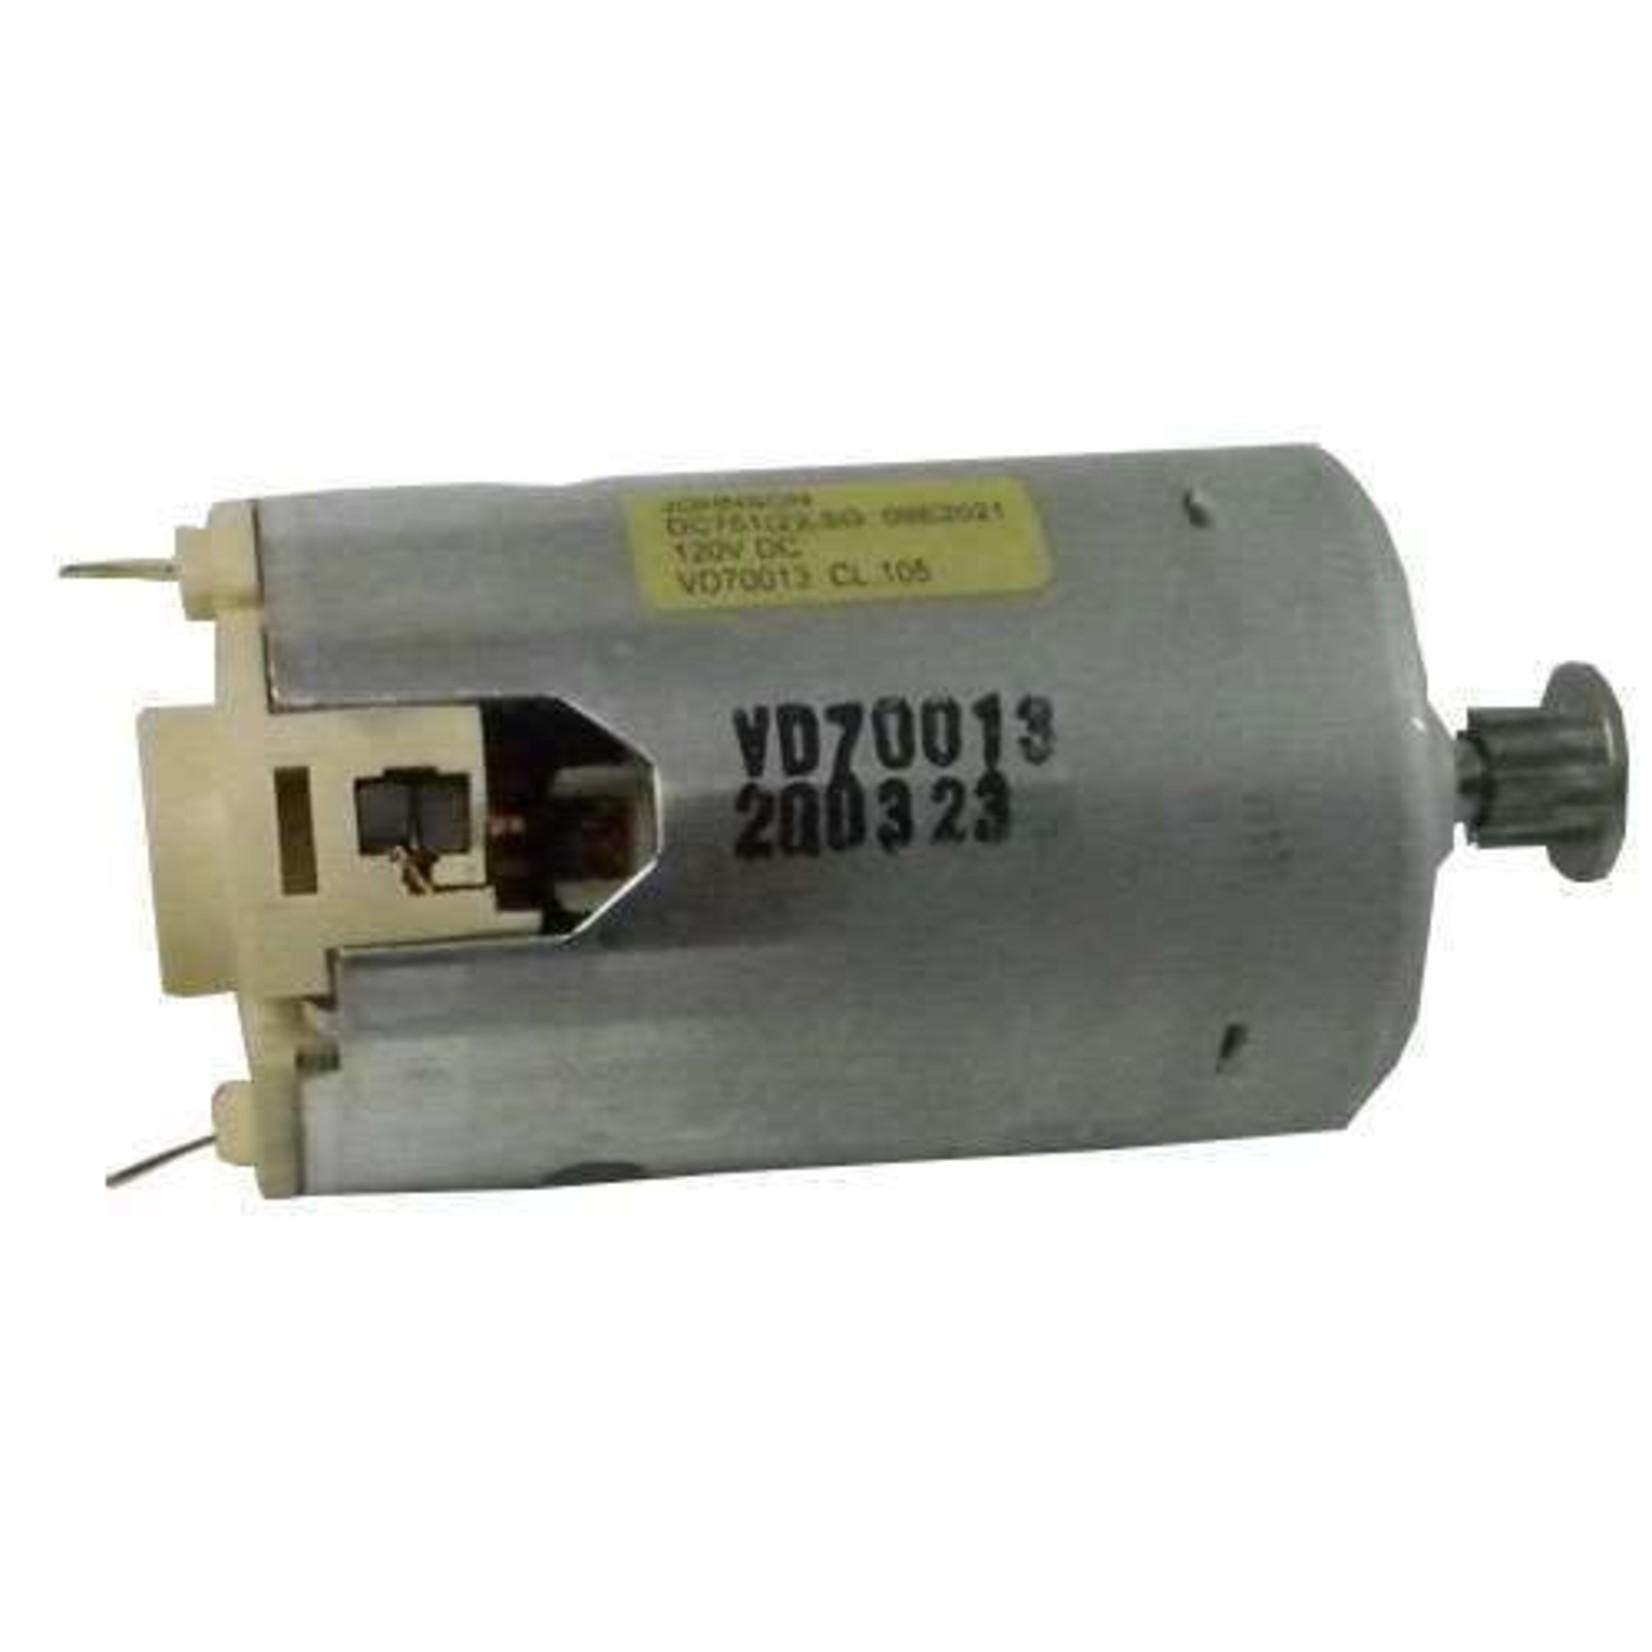 TTI Brush Motor for Hoover Air